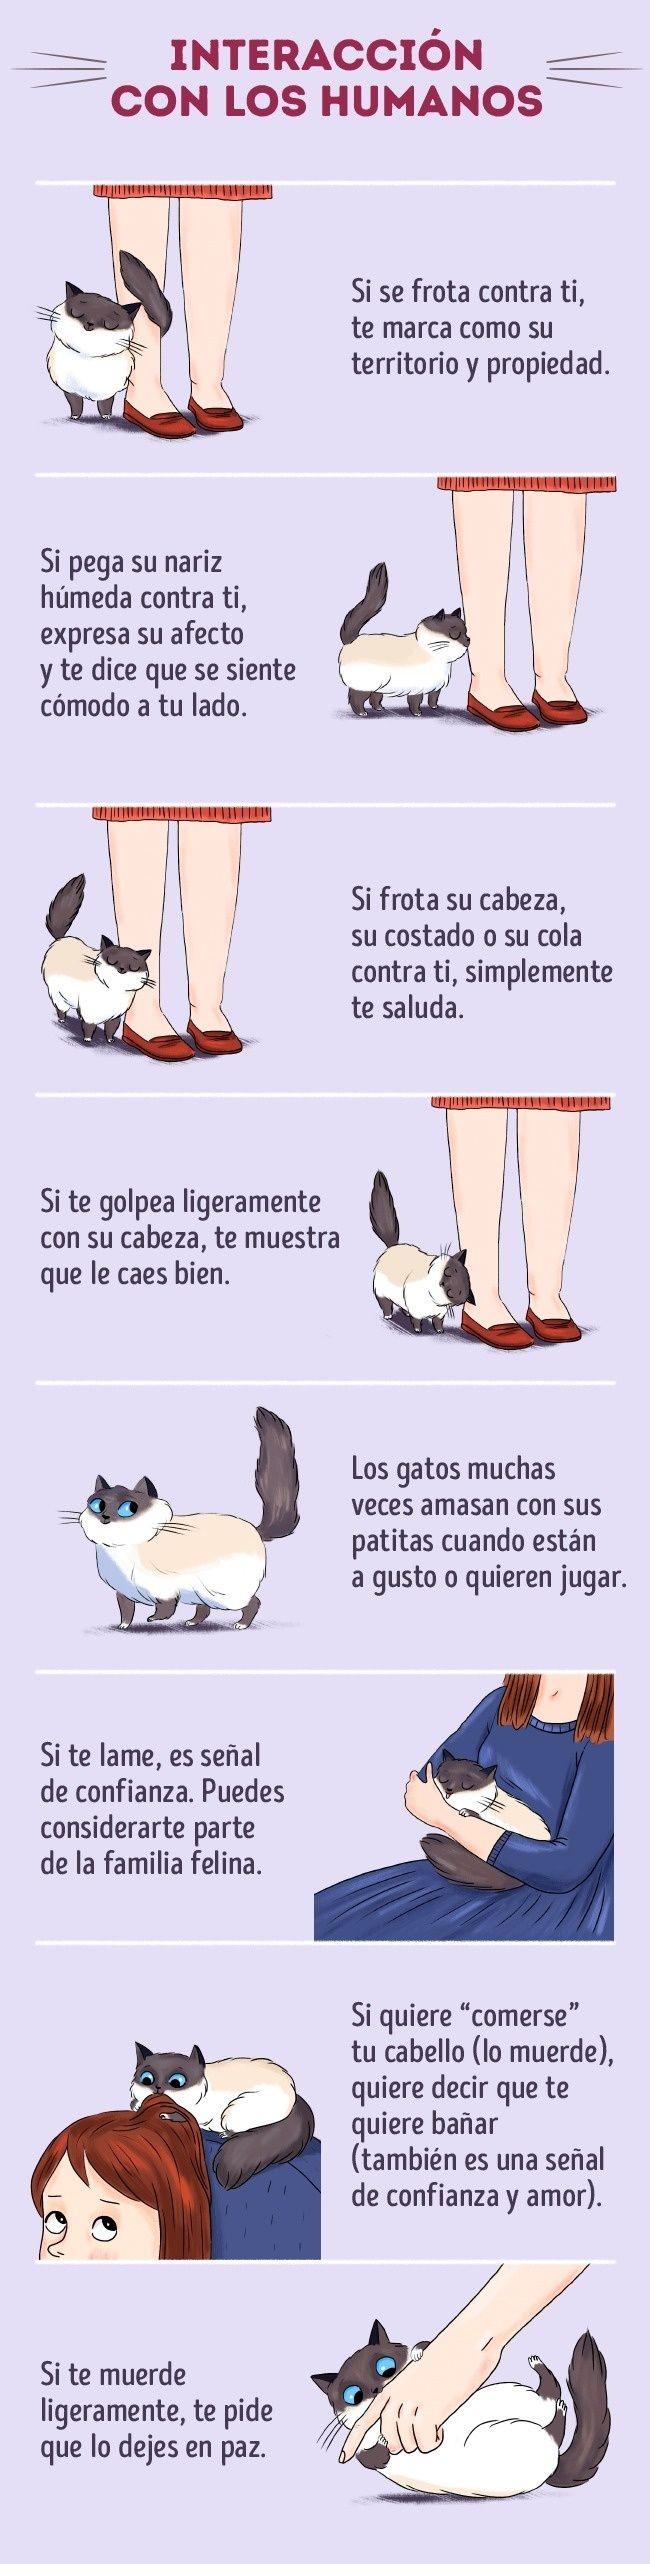 Todos Sabemos Que Los Gatos Son Las Mascotas Más Ilógicas E Impredecibles Quién Sabe Qué Estará Sucedi Lenguaje De Los Gatos Gatos Comportamiento De Los Gatos